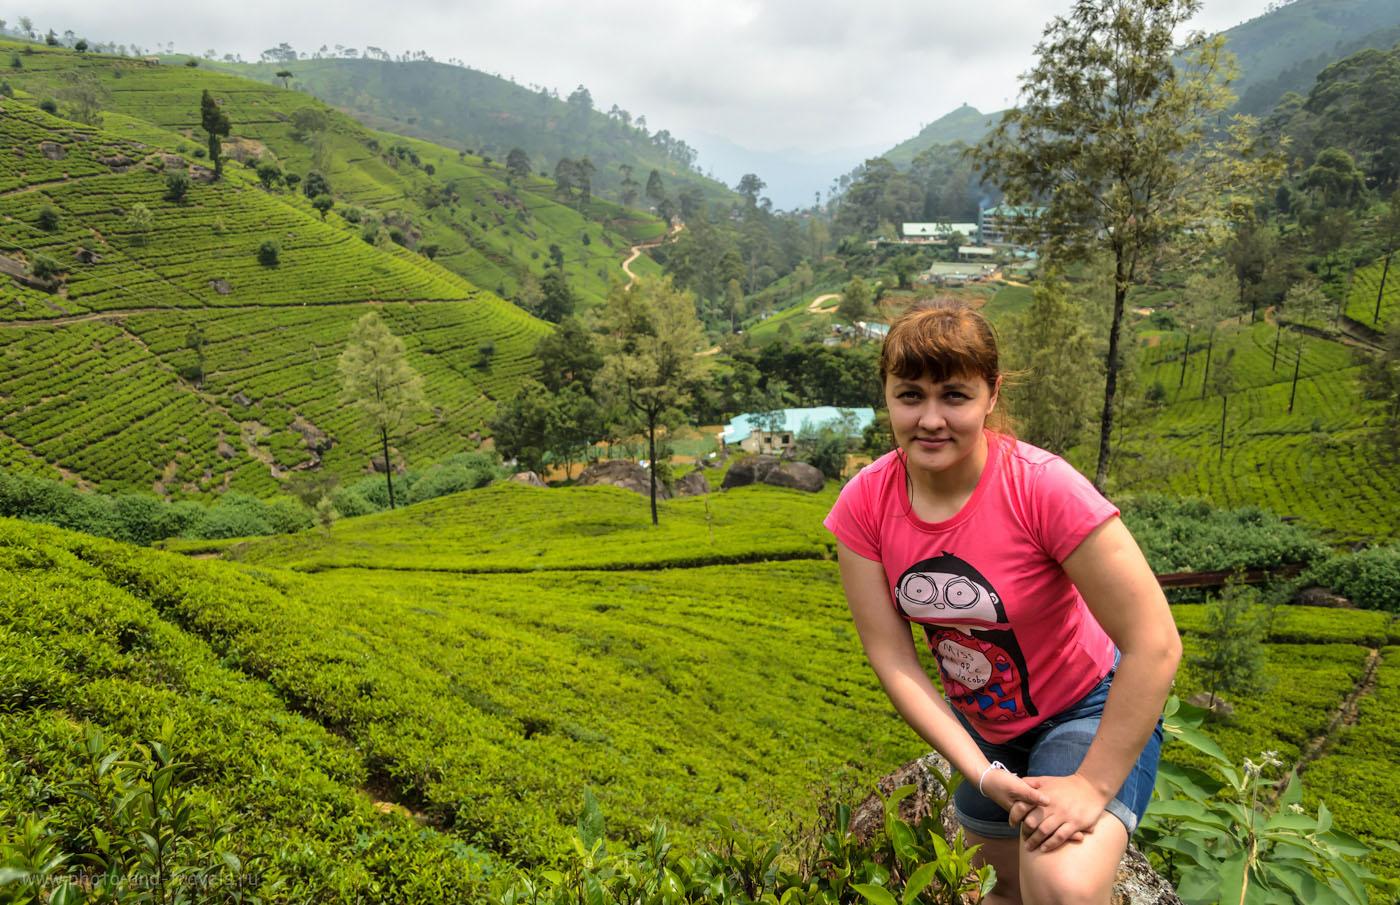 Фотография 6. На заднем плане - фабрика Маквудс и ее чайный центр Mackwoods Labookellie Tea Centre. Если будете добираться их Канди или из Нувара Элия, не пропустите - стоит у дороги А4. Отчет о самостоятельном отдыхе в Шри-Ланке.